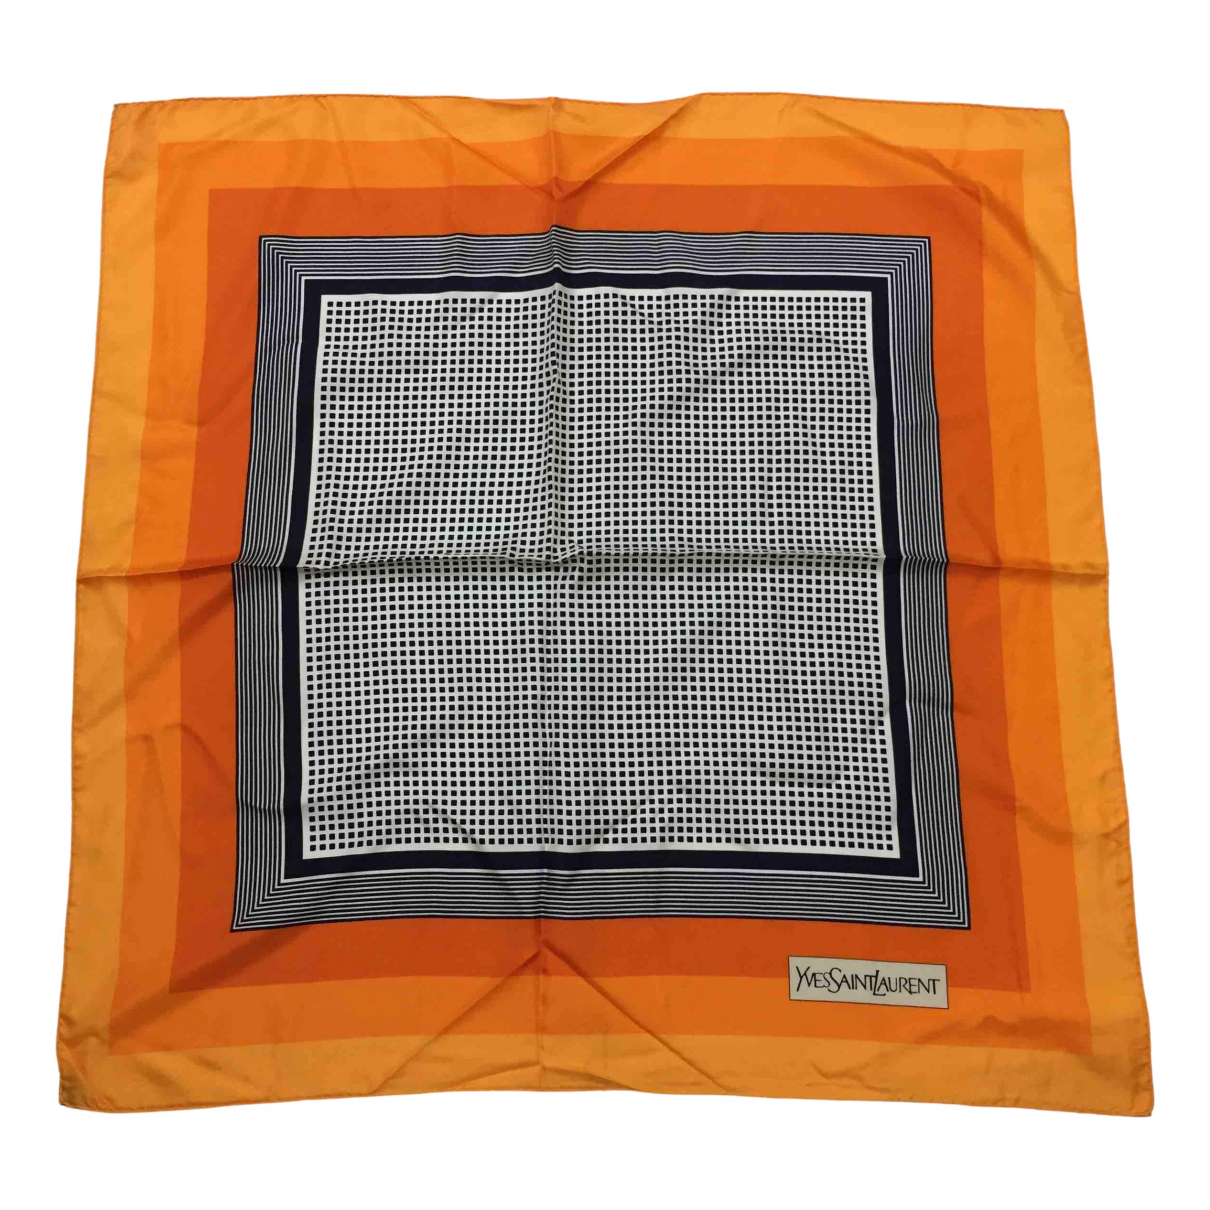 Yves Saint Laurent - Foulard   pour femme en soie - orange